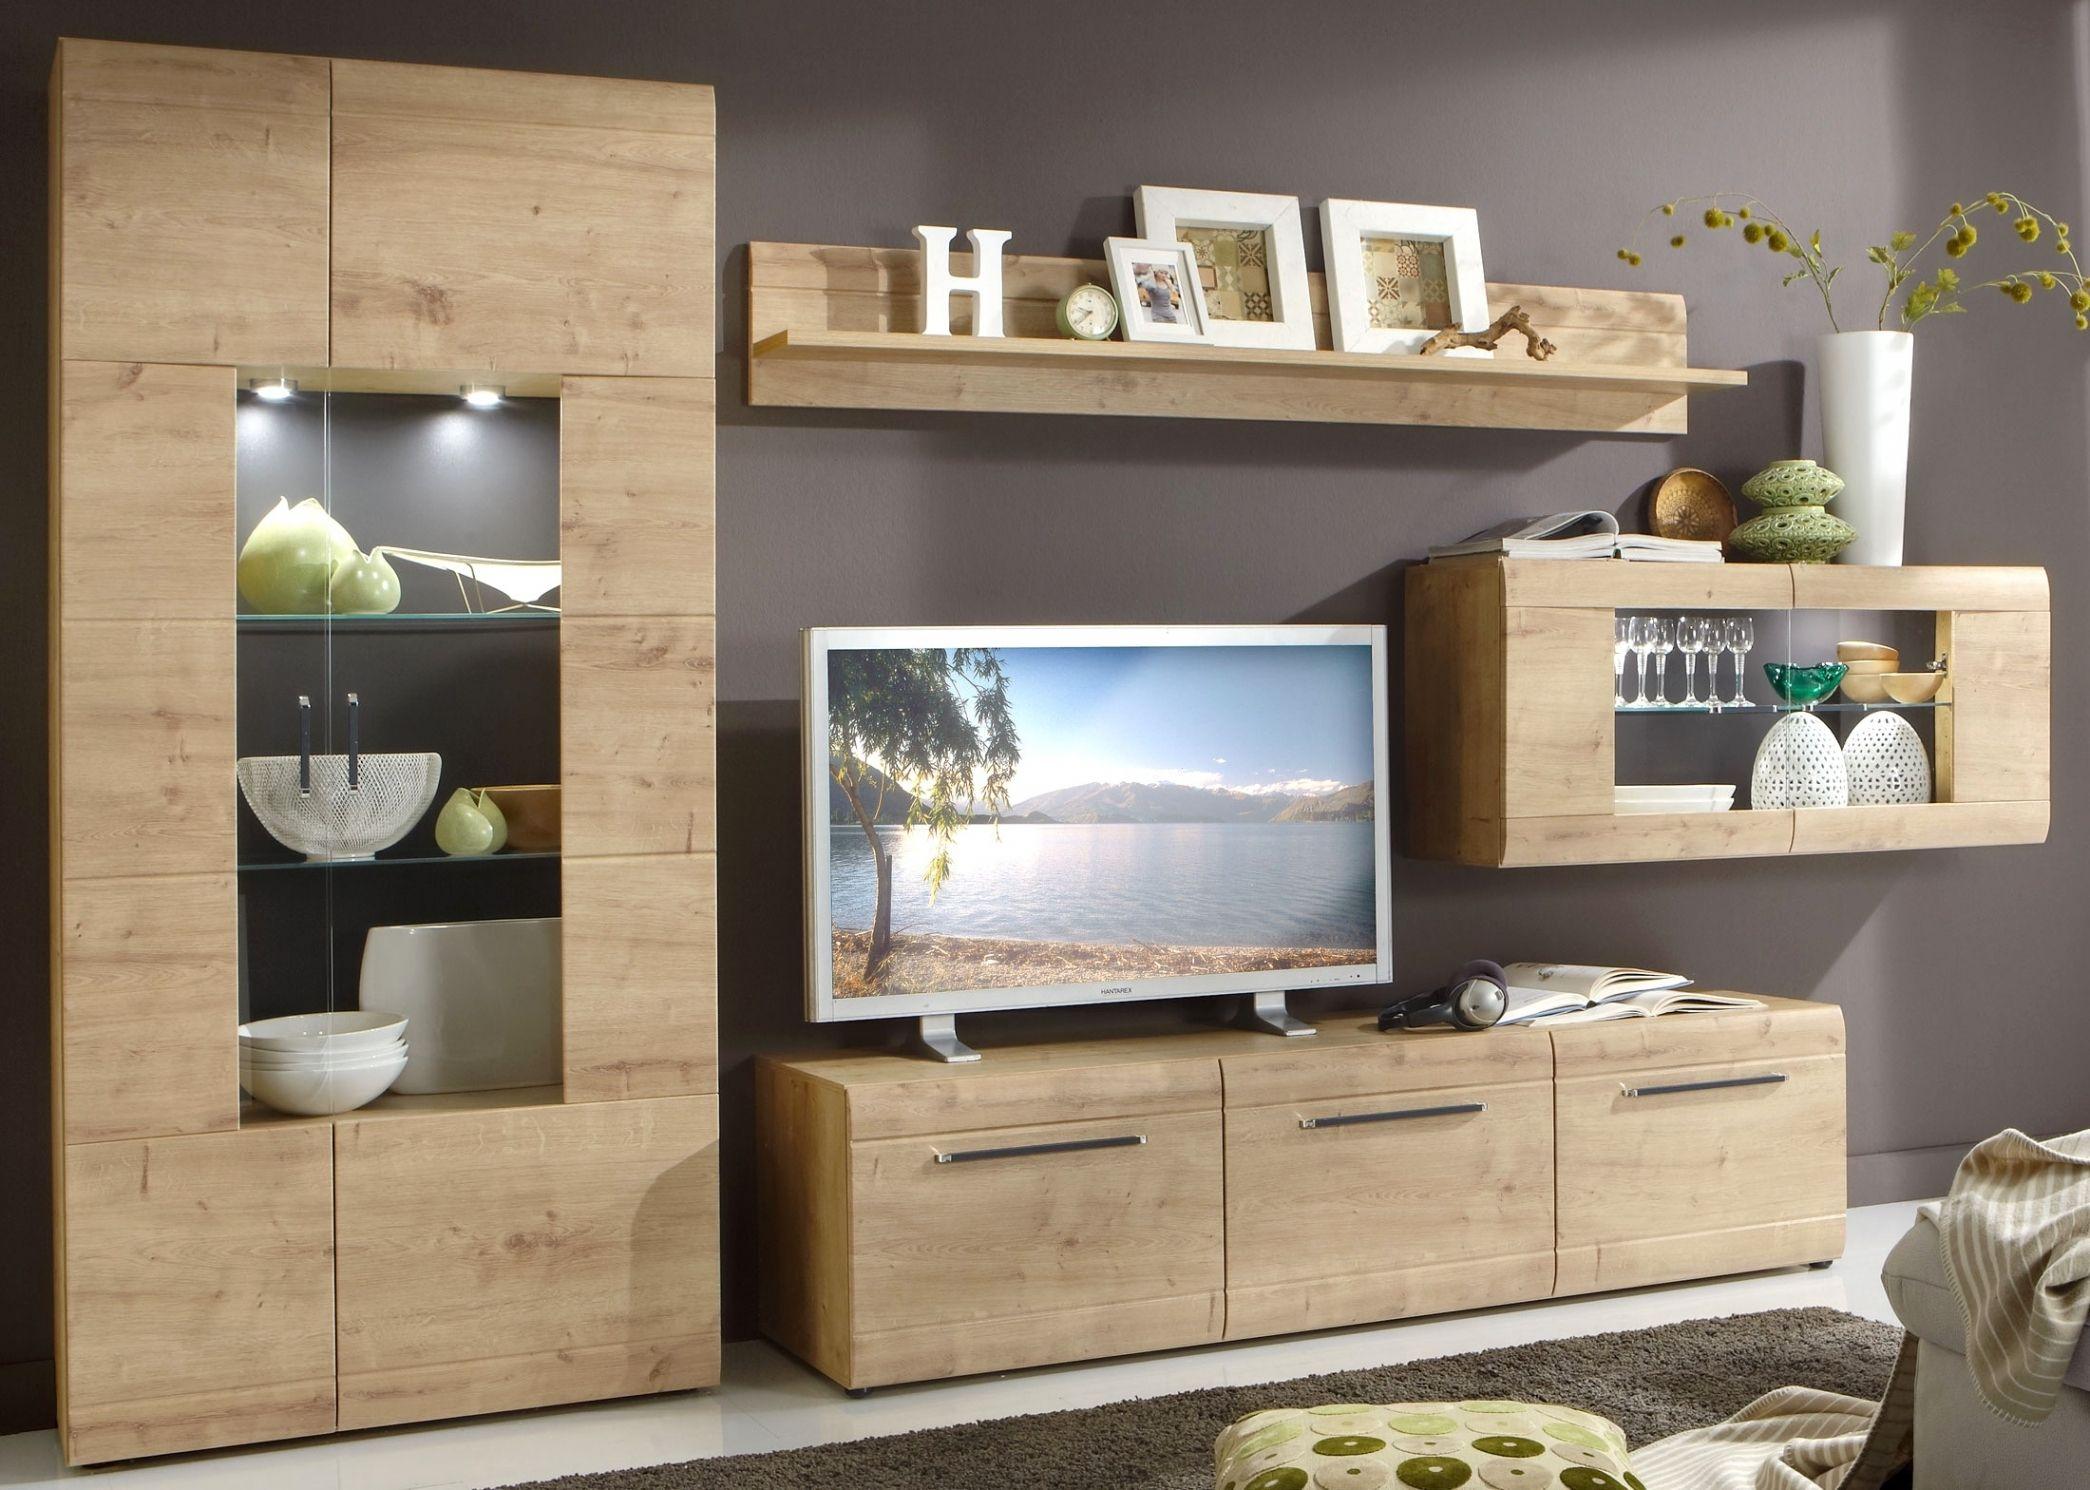 Schön Wohnzimmermöbel Ebay | Wohnzimmermöbel | Pinterest | Schöner